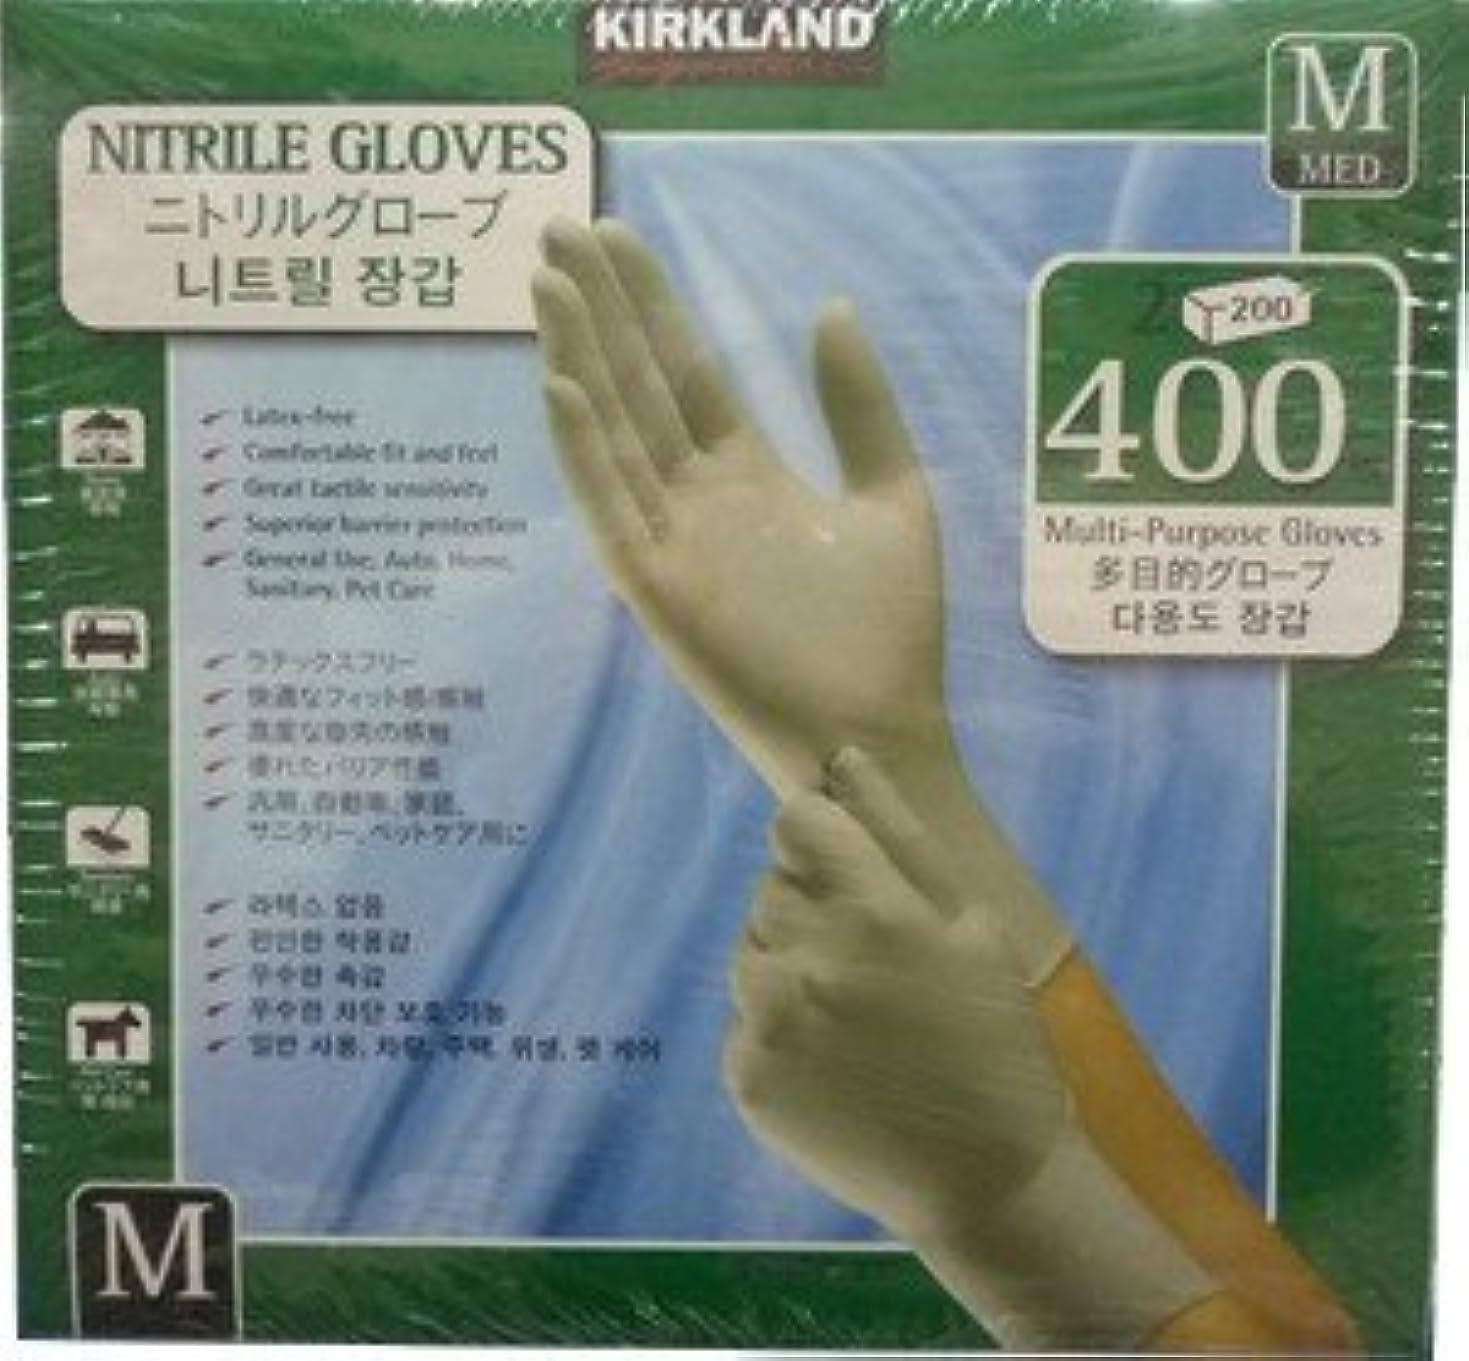 トンネル商人アルカイックKIRKLAND カークランド ニトリルグローブ 手袋 Mサイズ 200枚×2箱